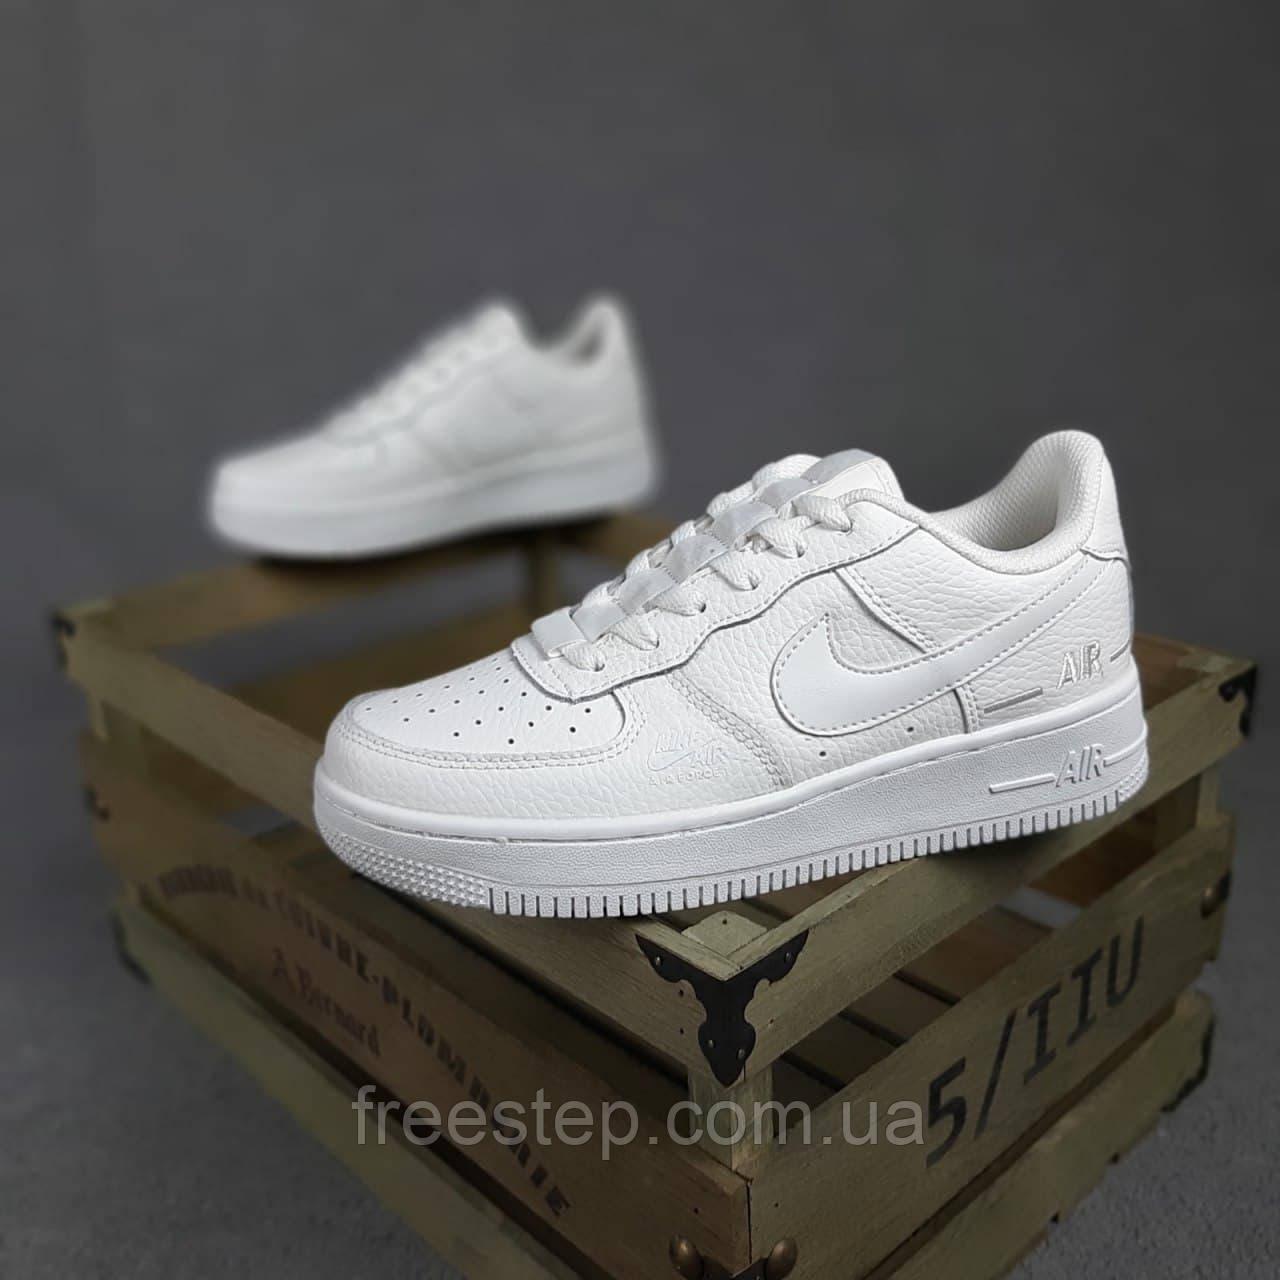 Жіночі кросівки в стилі Nike Air Force 1 Double Air білі